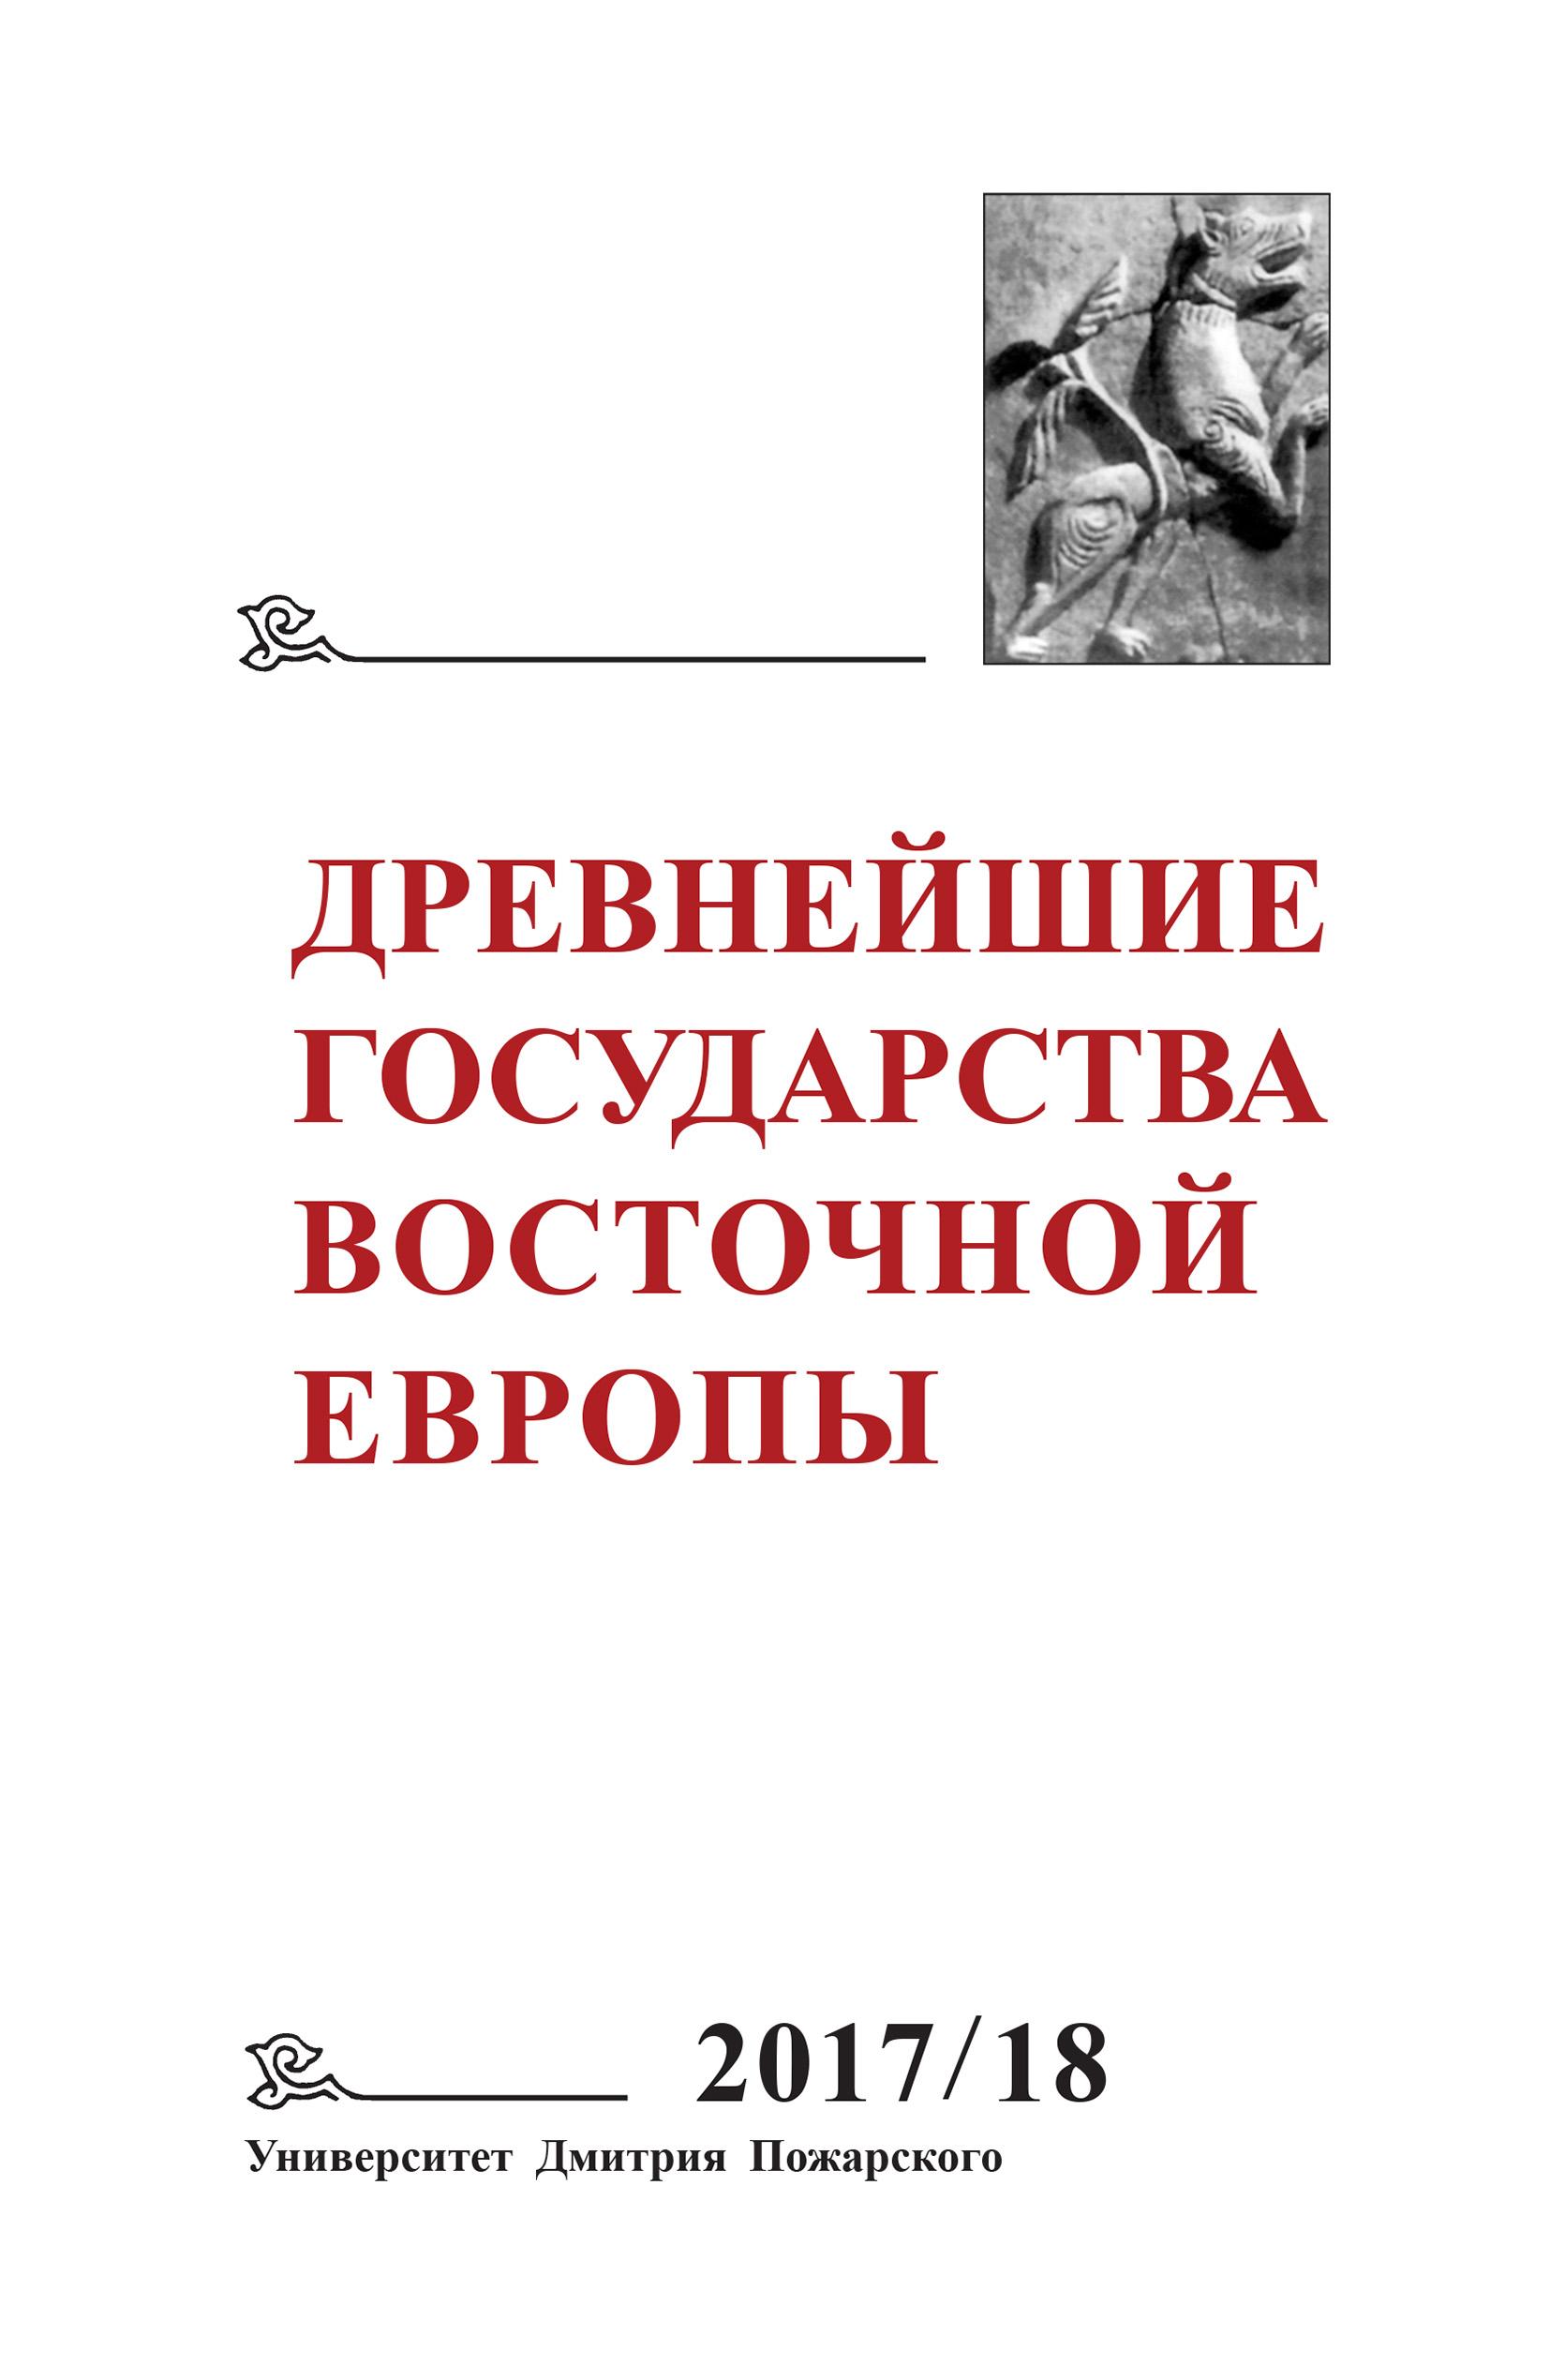 Древнейшие государства Восточной Европы. 2017–2018 годы. Ранние формы и функции письма